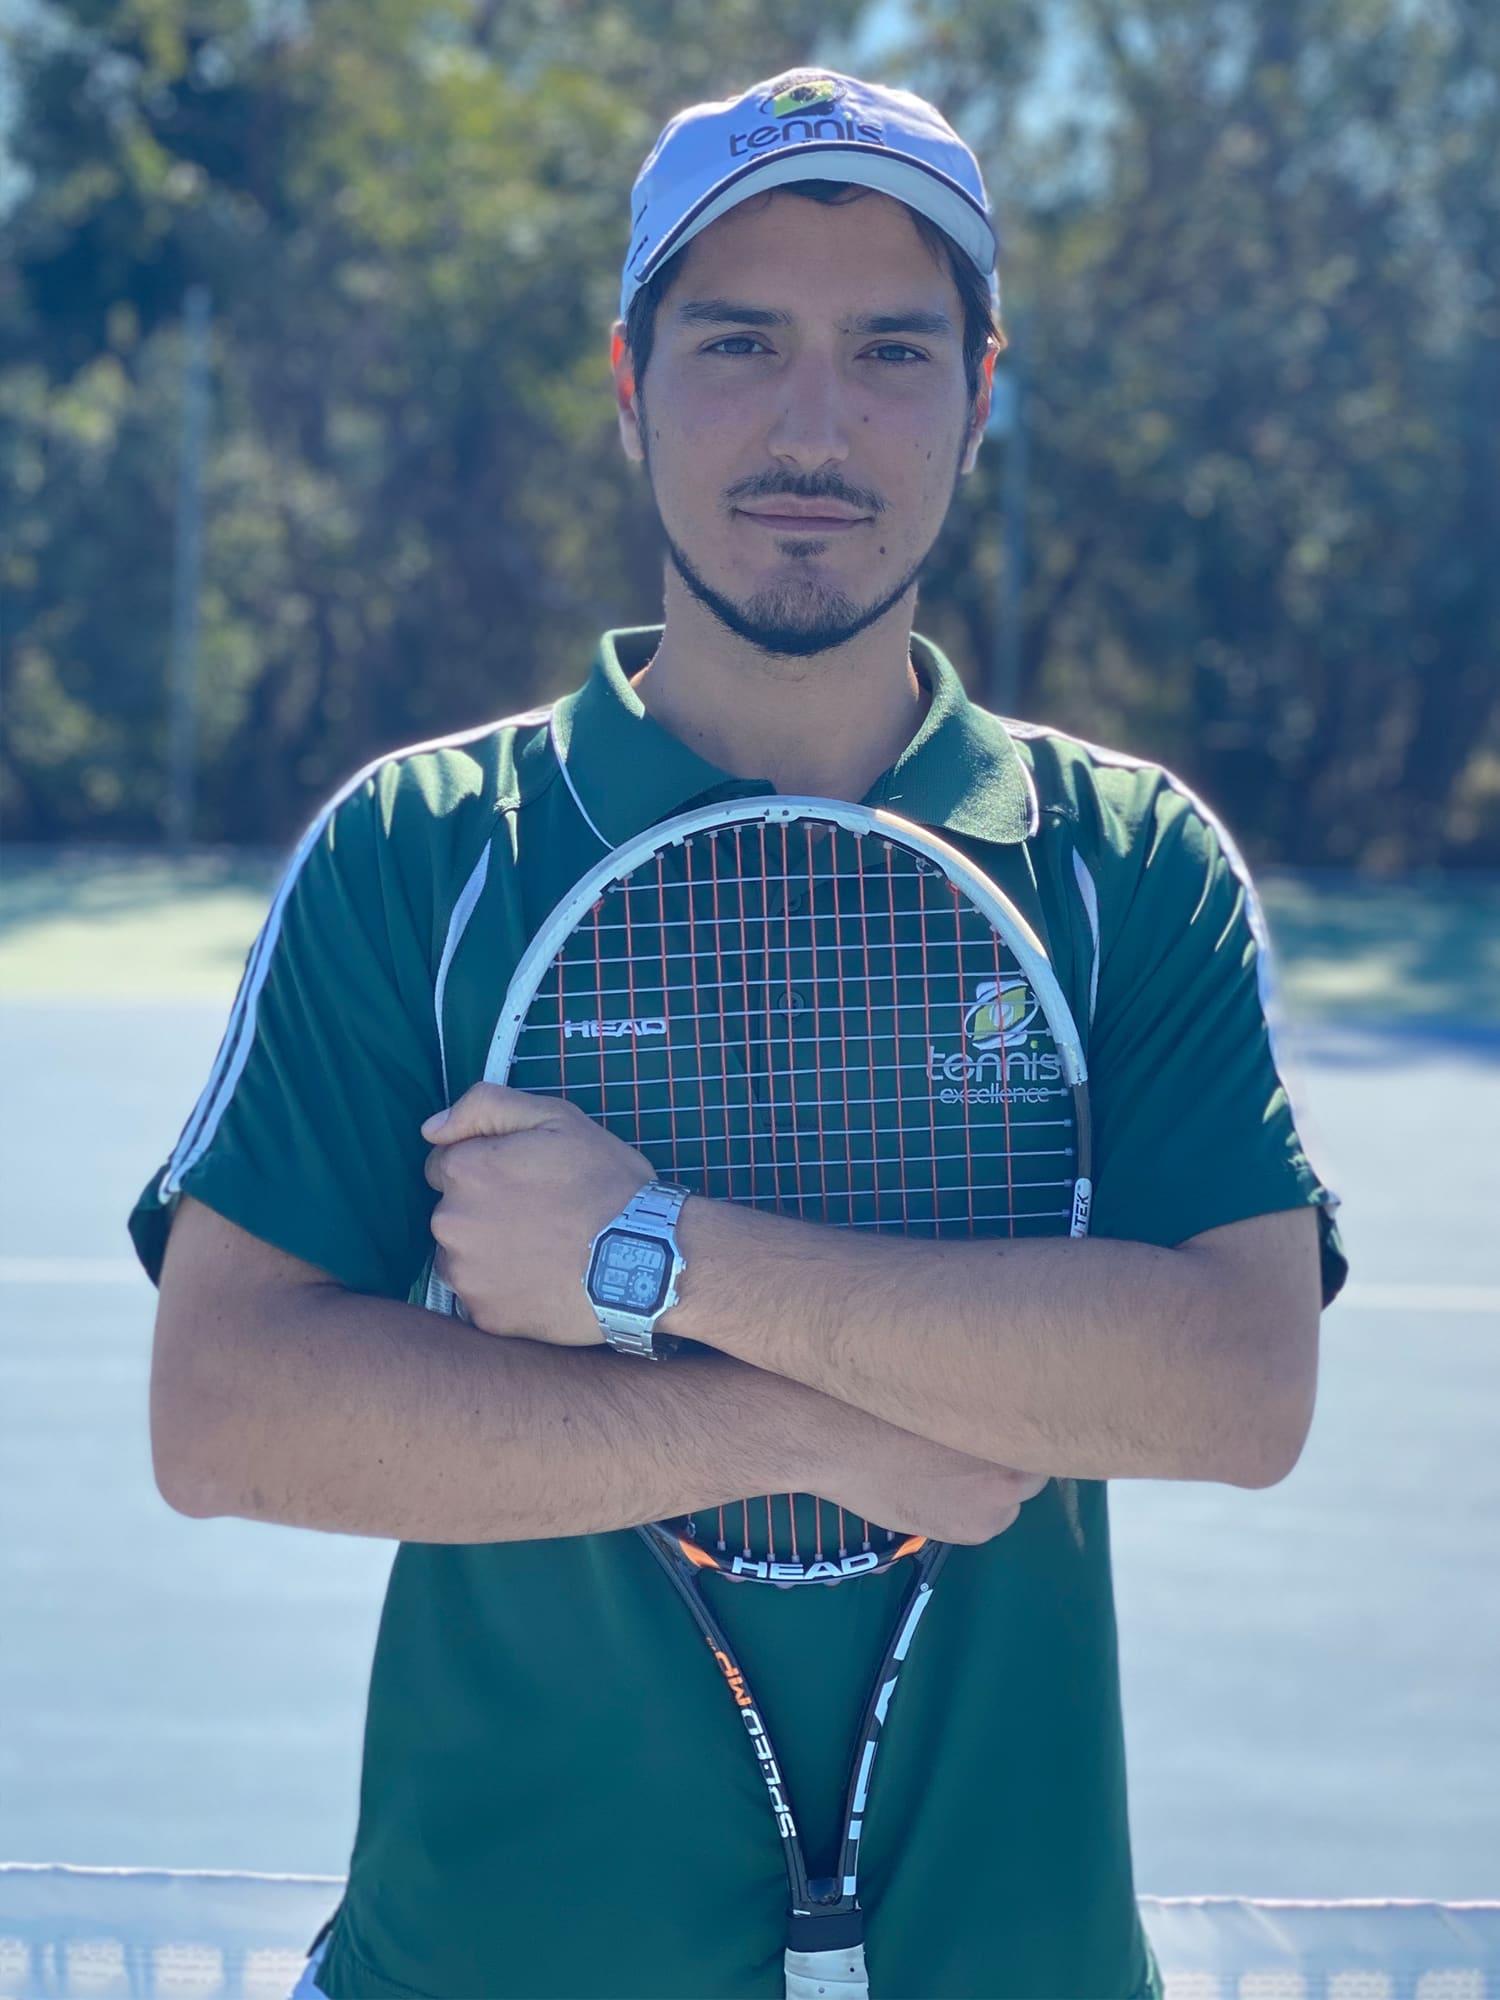 https://www.tennisexcellence.com.au/wp-content/uploads/2020/05/Coach_Matteo-Menna.jpg